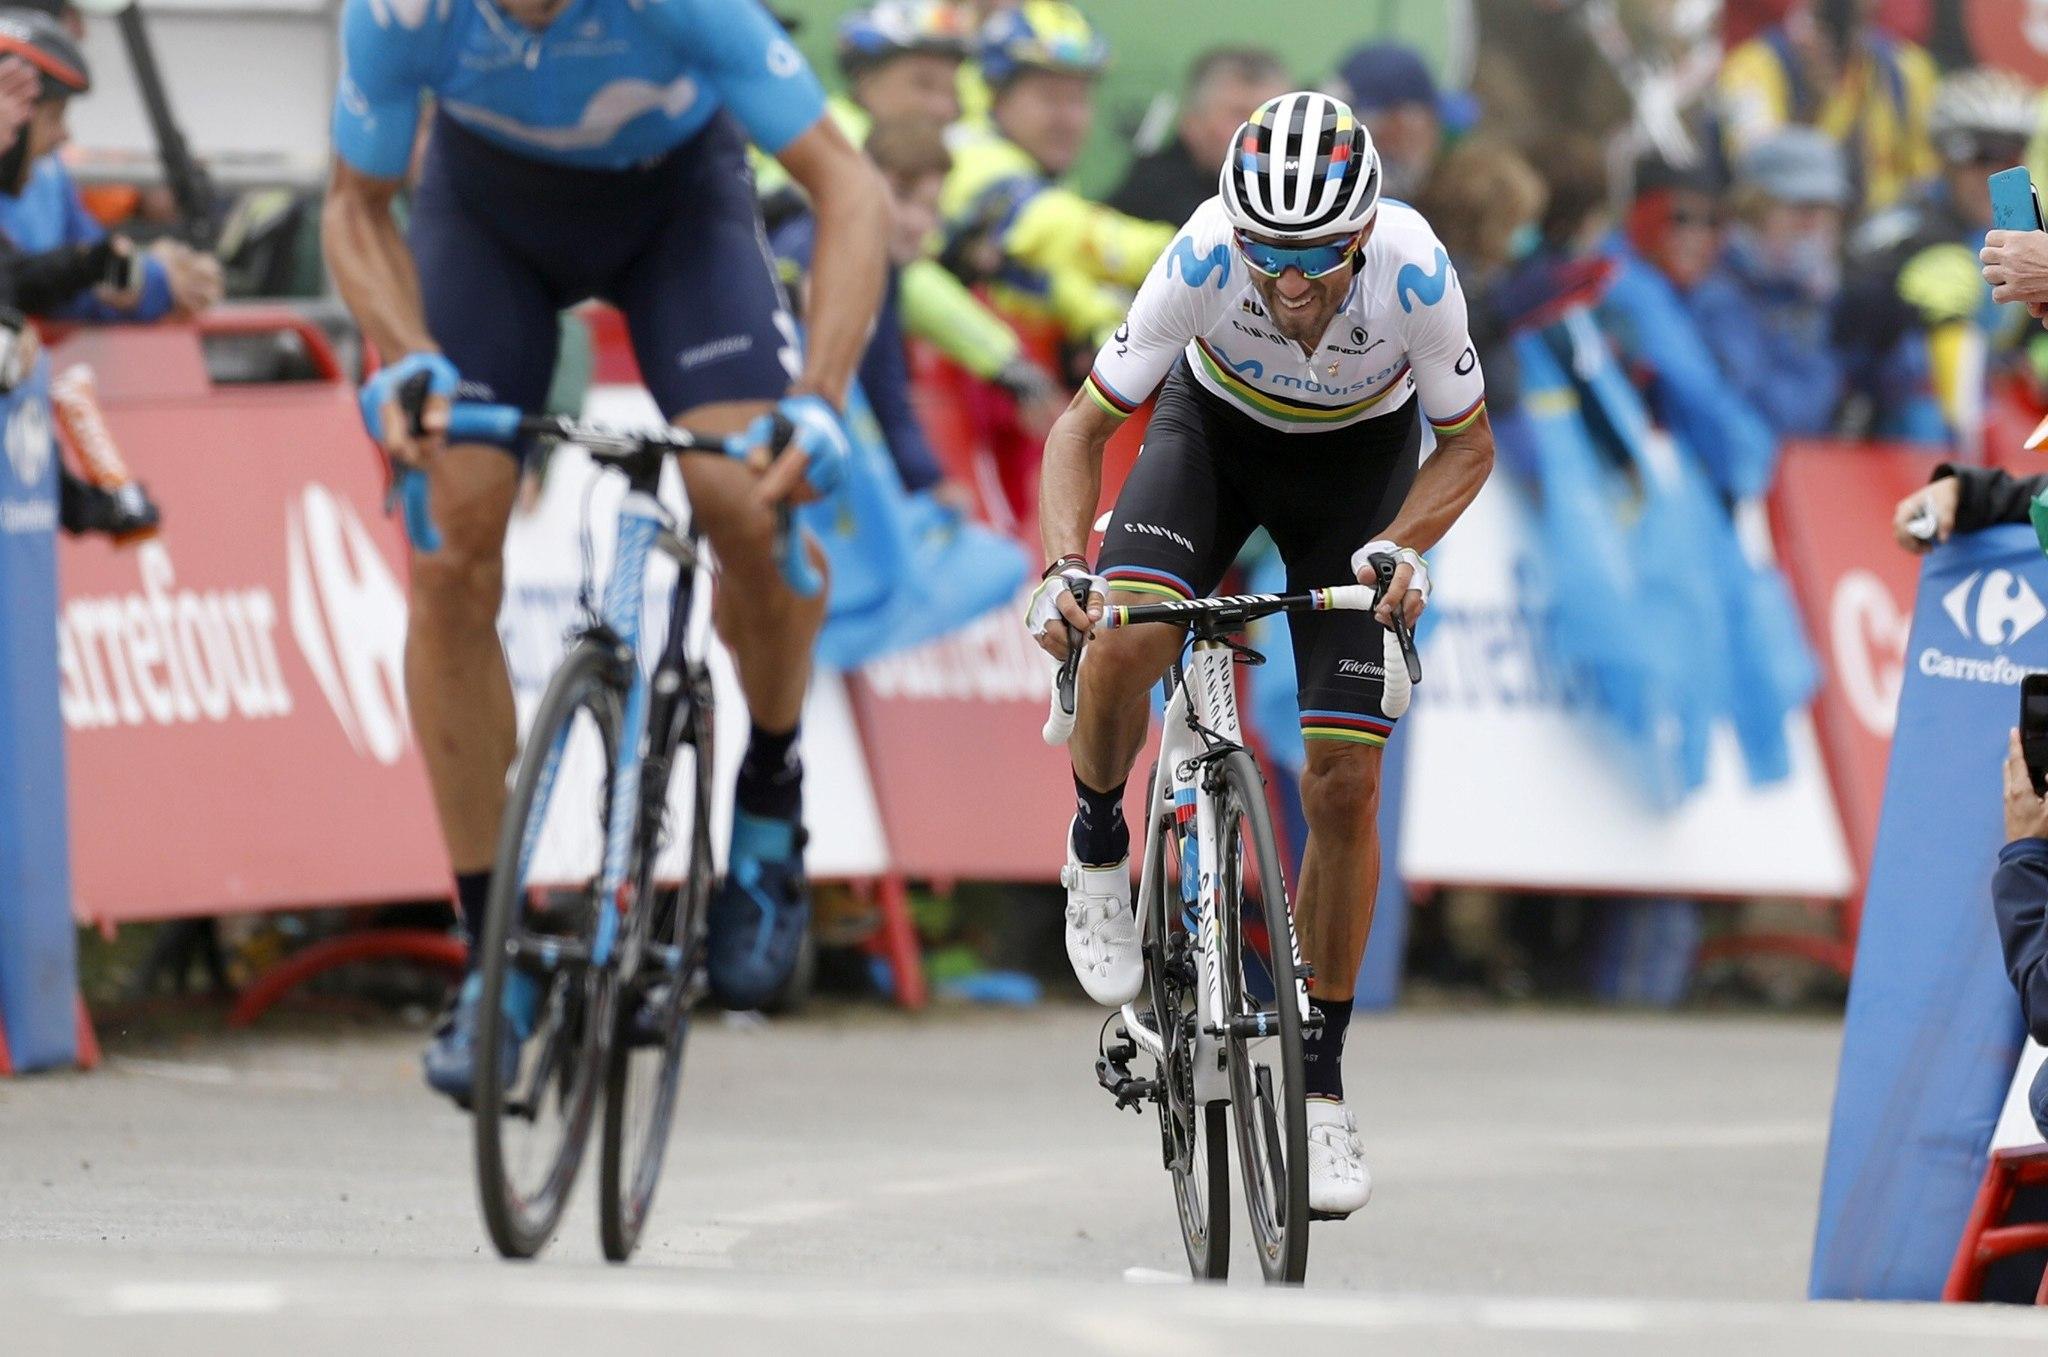 GRAF9010. ALTO DE CUBILLA (LENA), 09/09/2019.- El ciclista murciano del equipo Movistar y campeón del Mundo, <HIT>Alejandro</HIT><HIT>Valverde</HIT>, a su llegada a meta al término de la decimosexta etapa de la Vuelta a España 2019, con salida en Pravia y meta en el Alto de la Cubilla (Lena), y un recorrido de 144,4 kilómetros. EFE/Javier Lizón